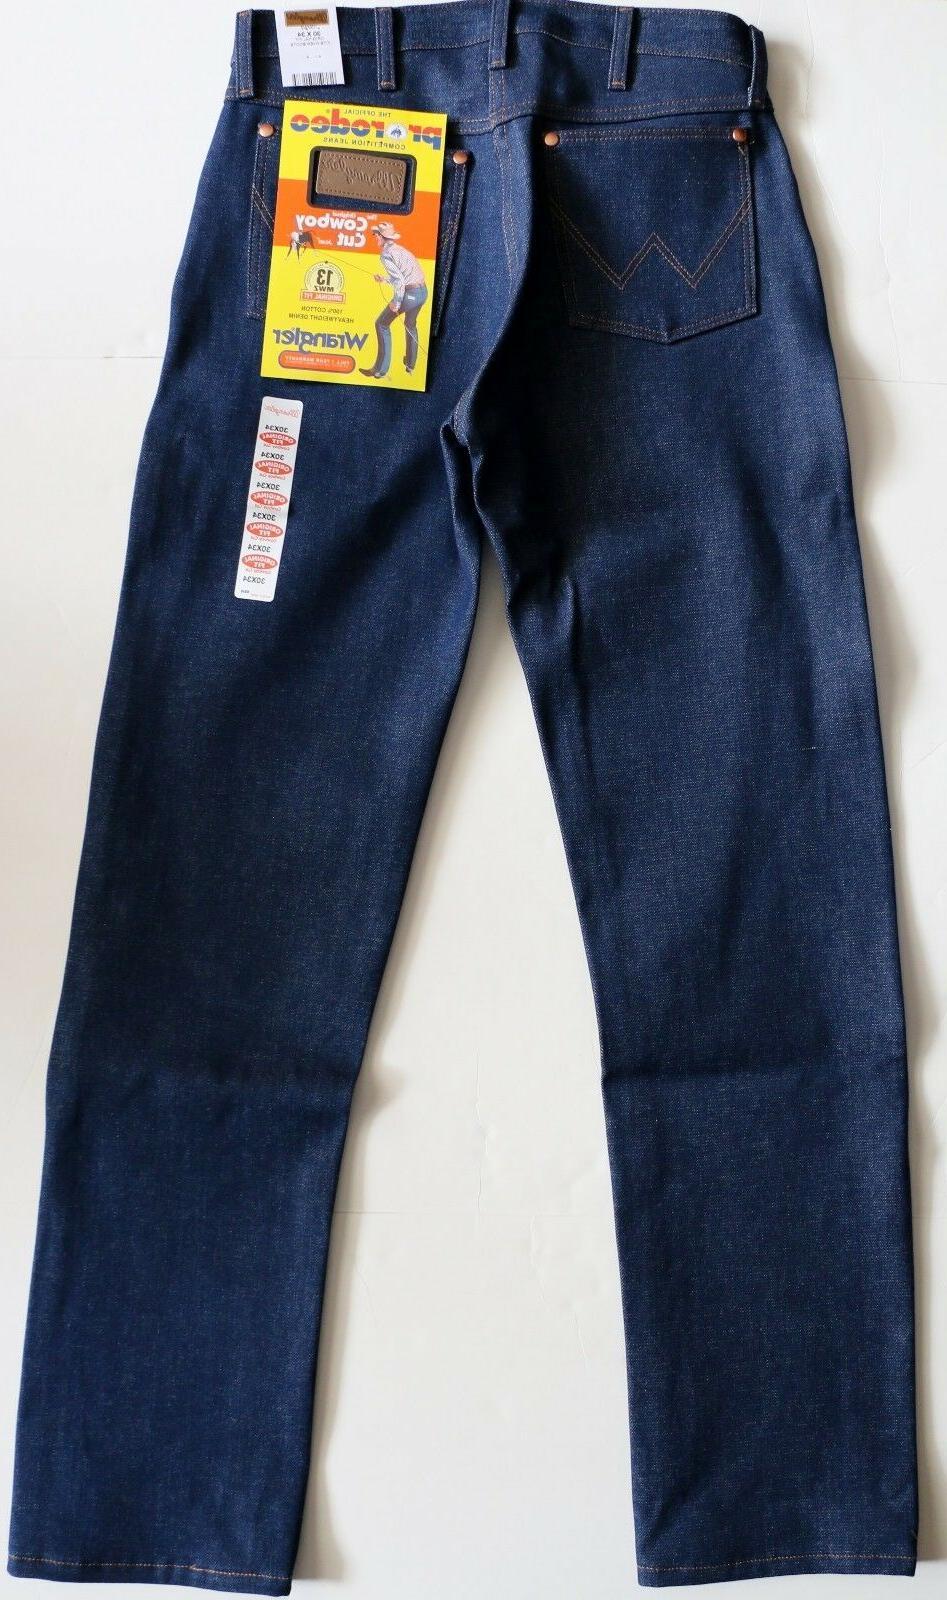 New Wrangler Cut 13MWZ Original Fit Jeans Rigid Men's